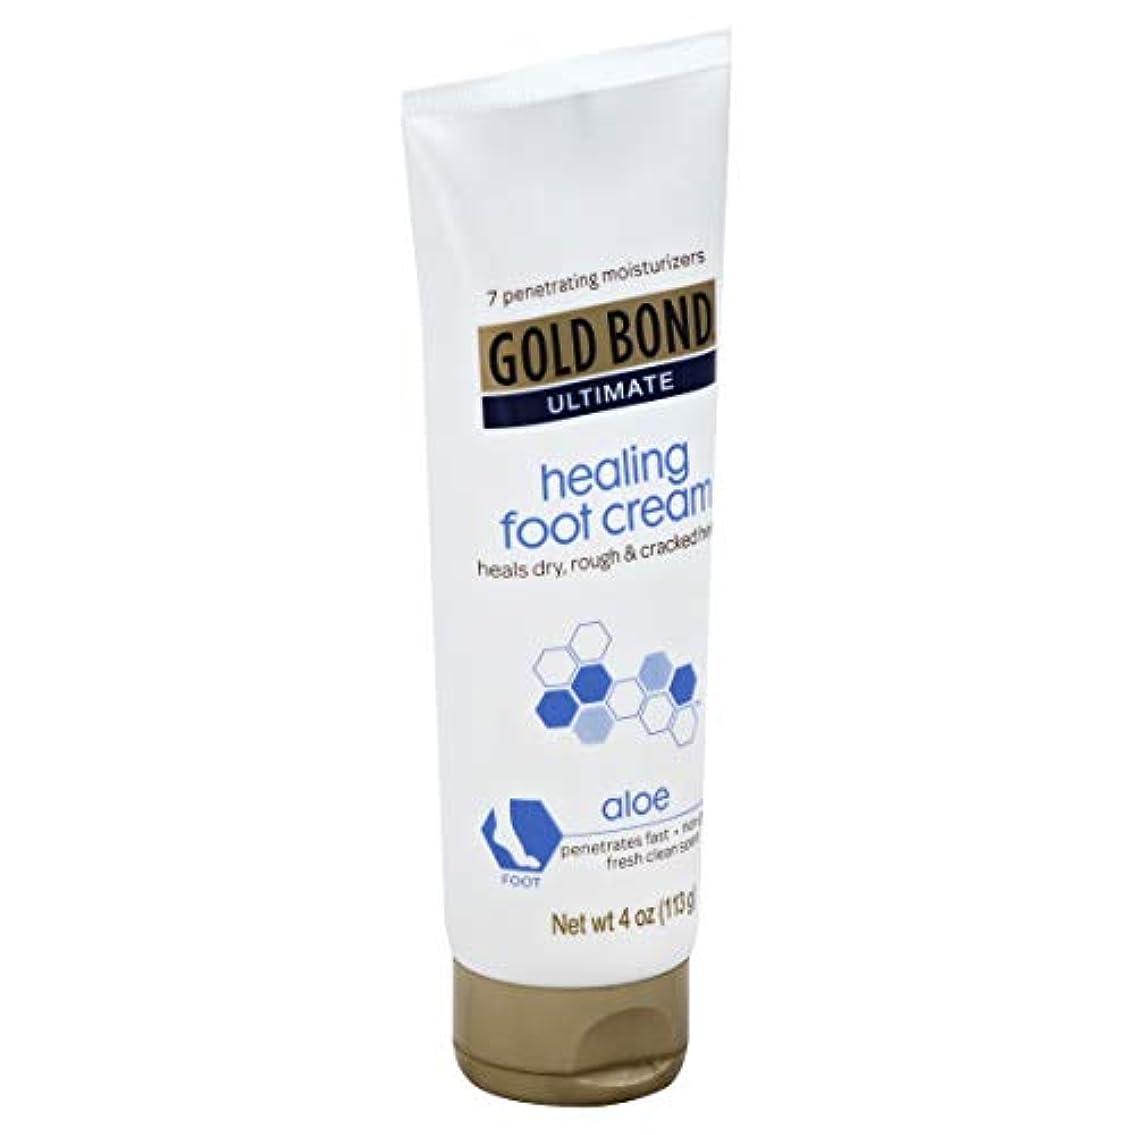 クラック類似性クラシカルGold Bond Healing Foot Therapy Cream 120 ml (並行輸入品)